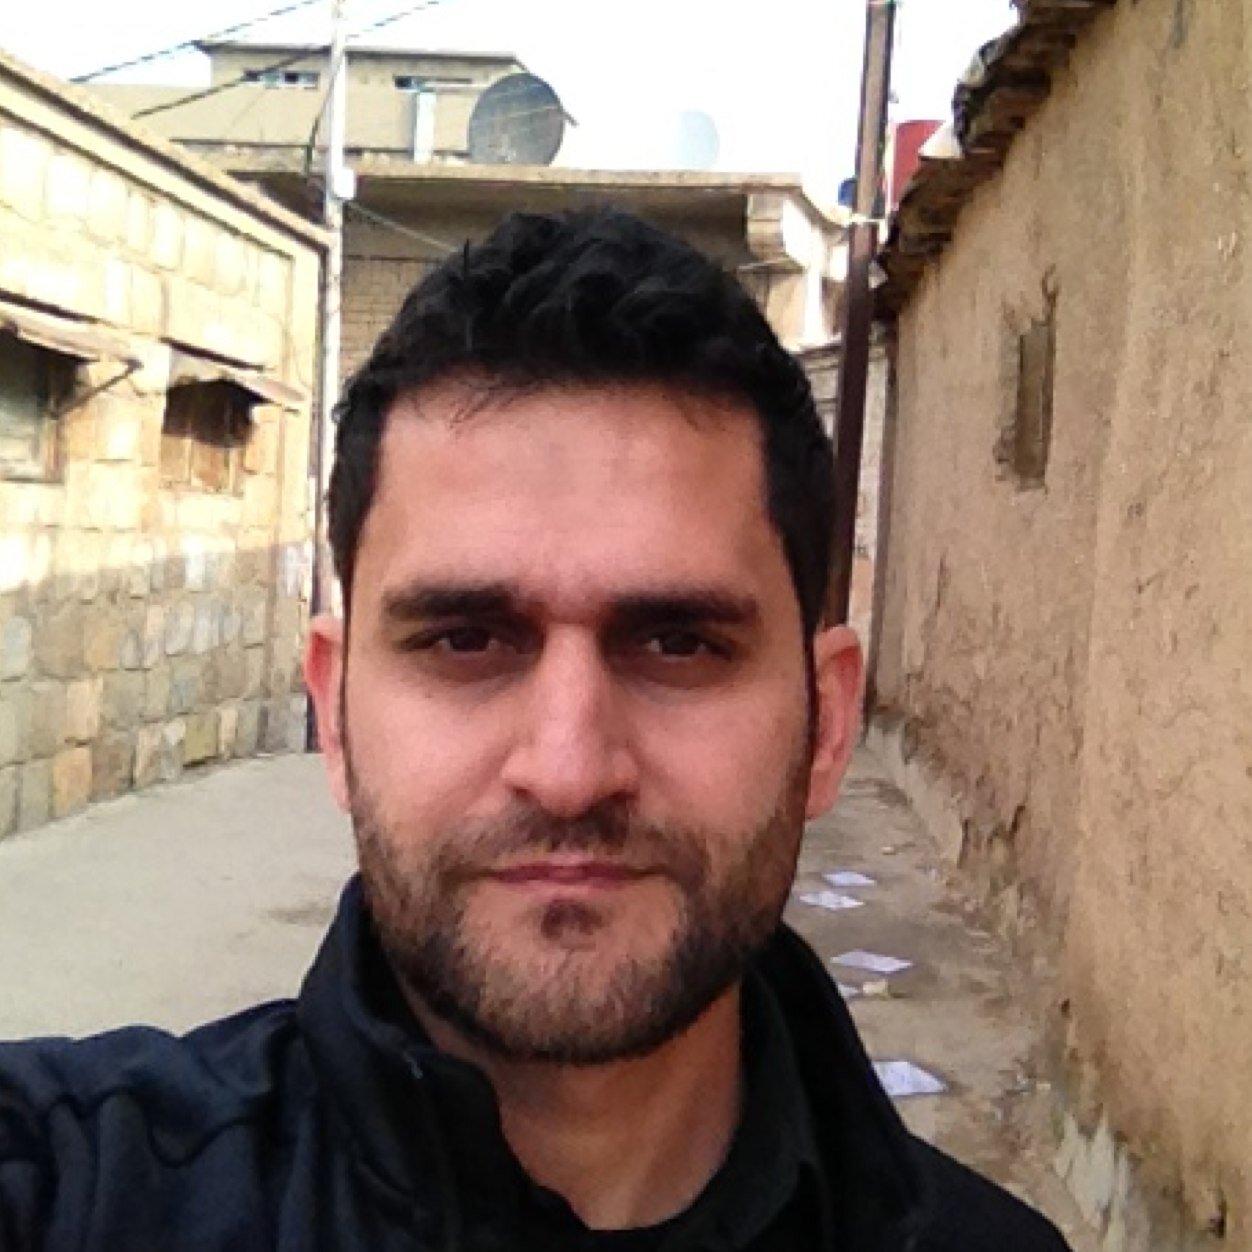 Allan Ahmad